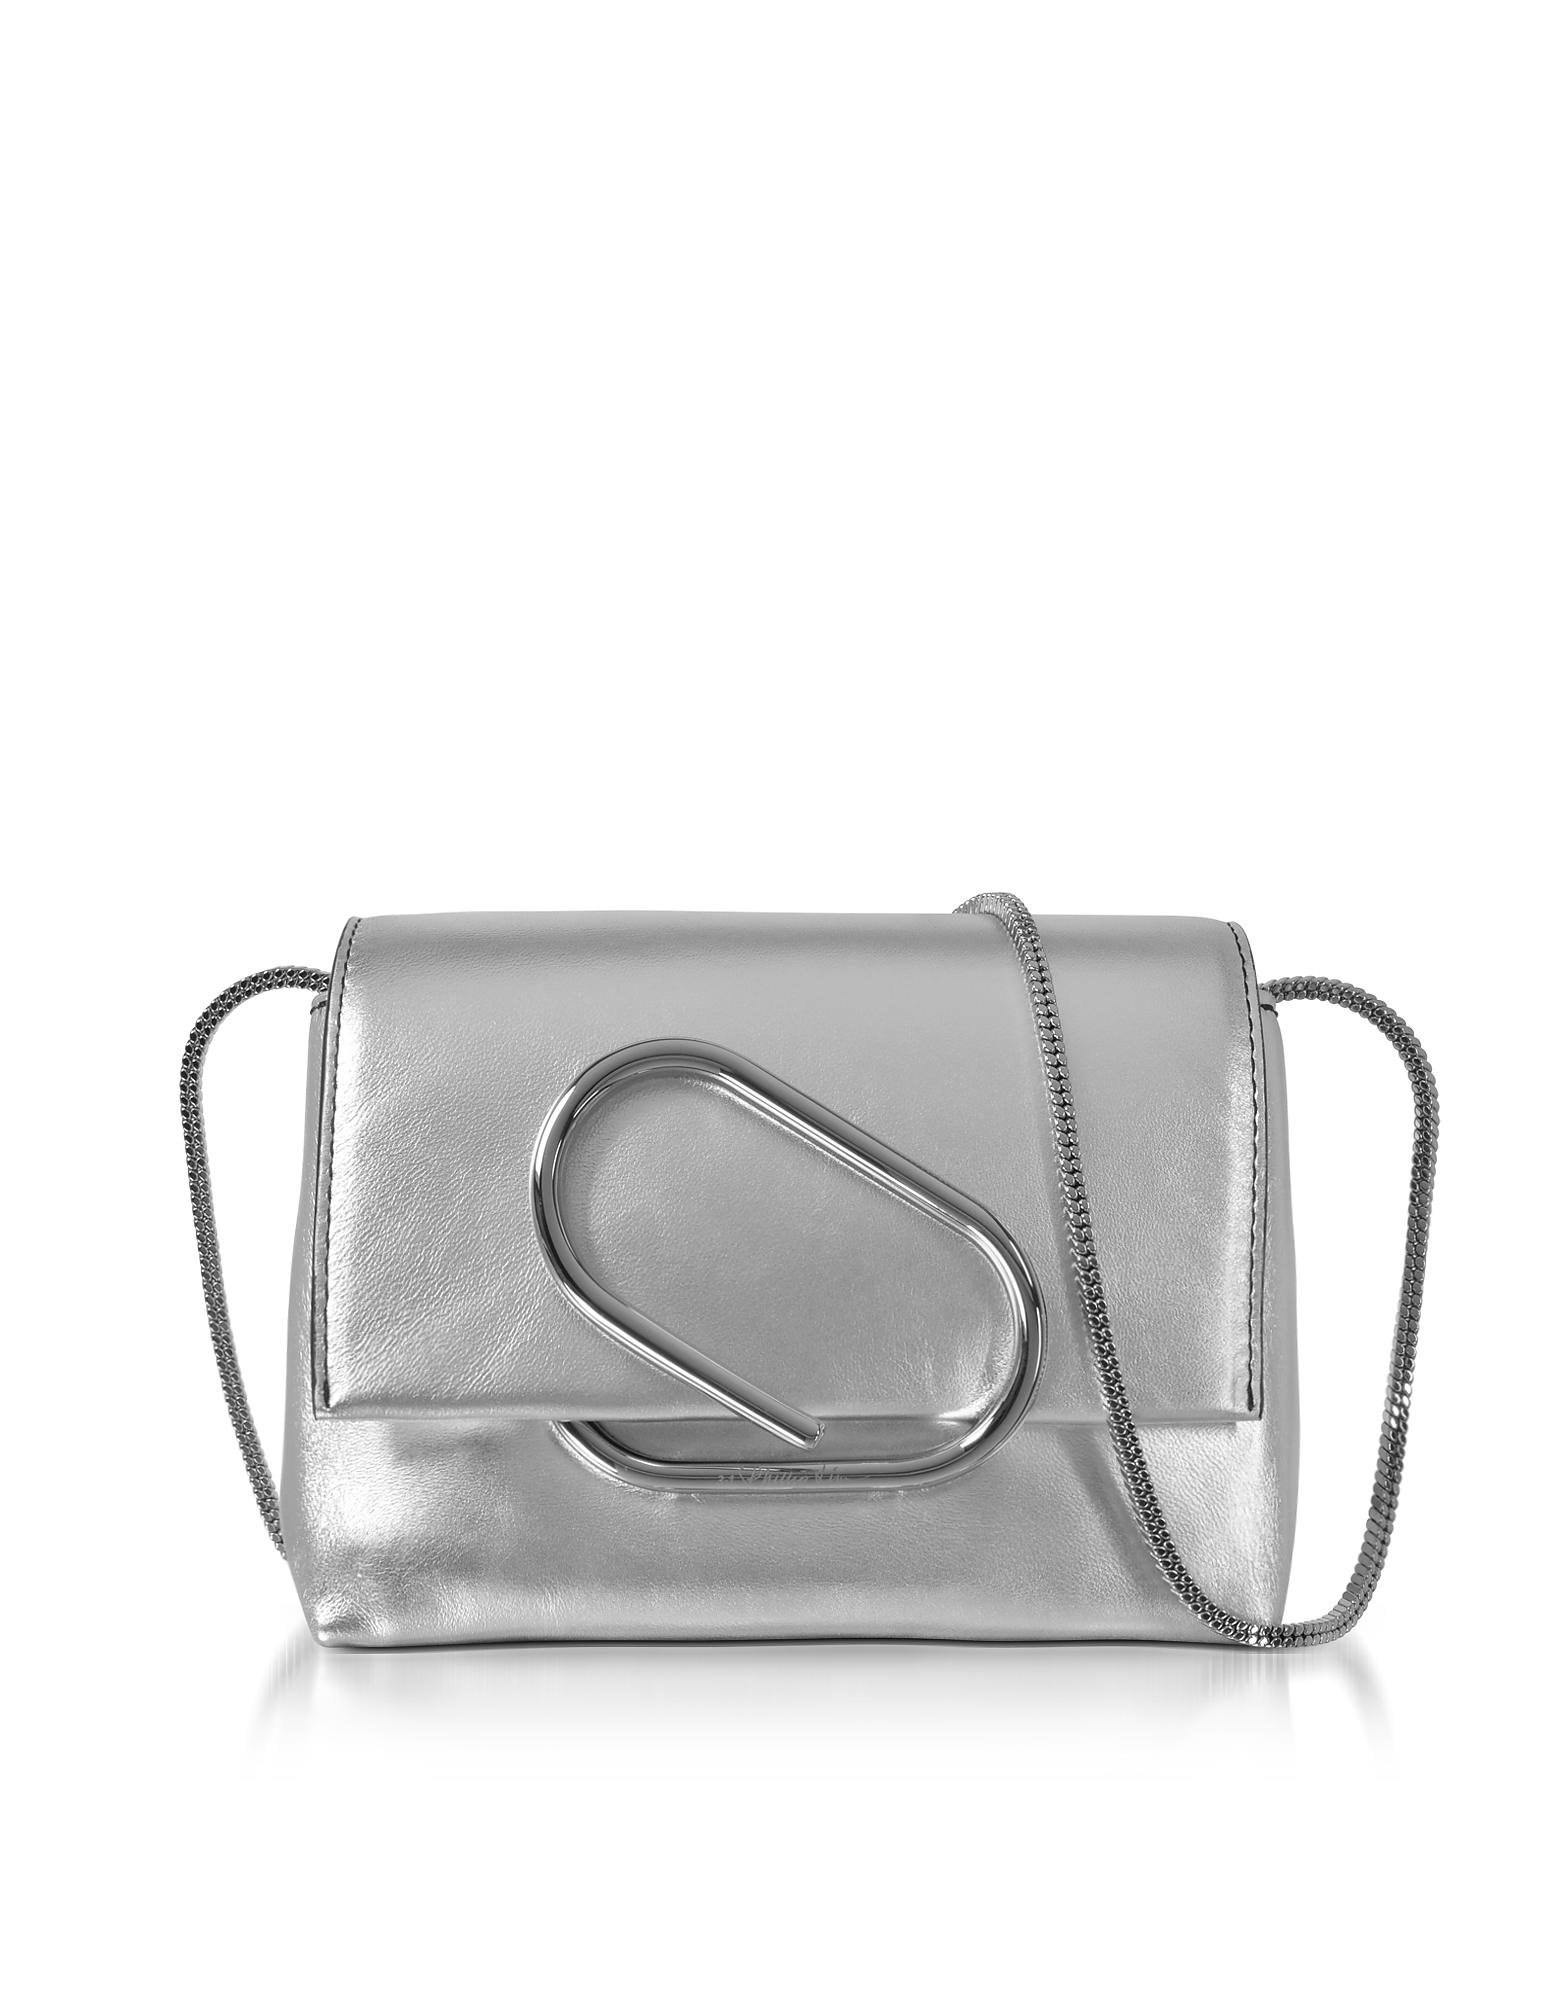 Alix Micro Clutch in Pelle Laminata Silver